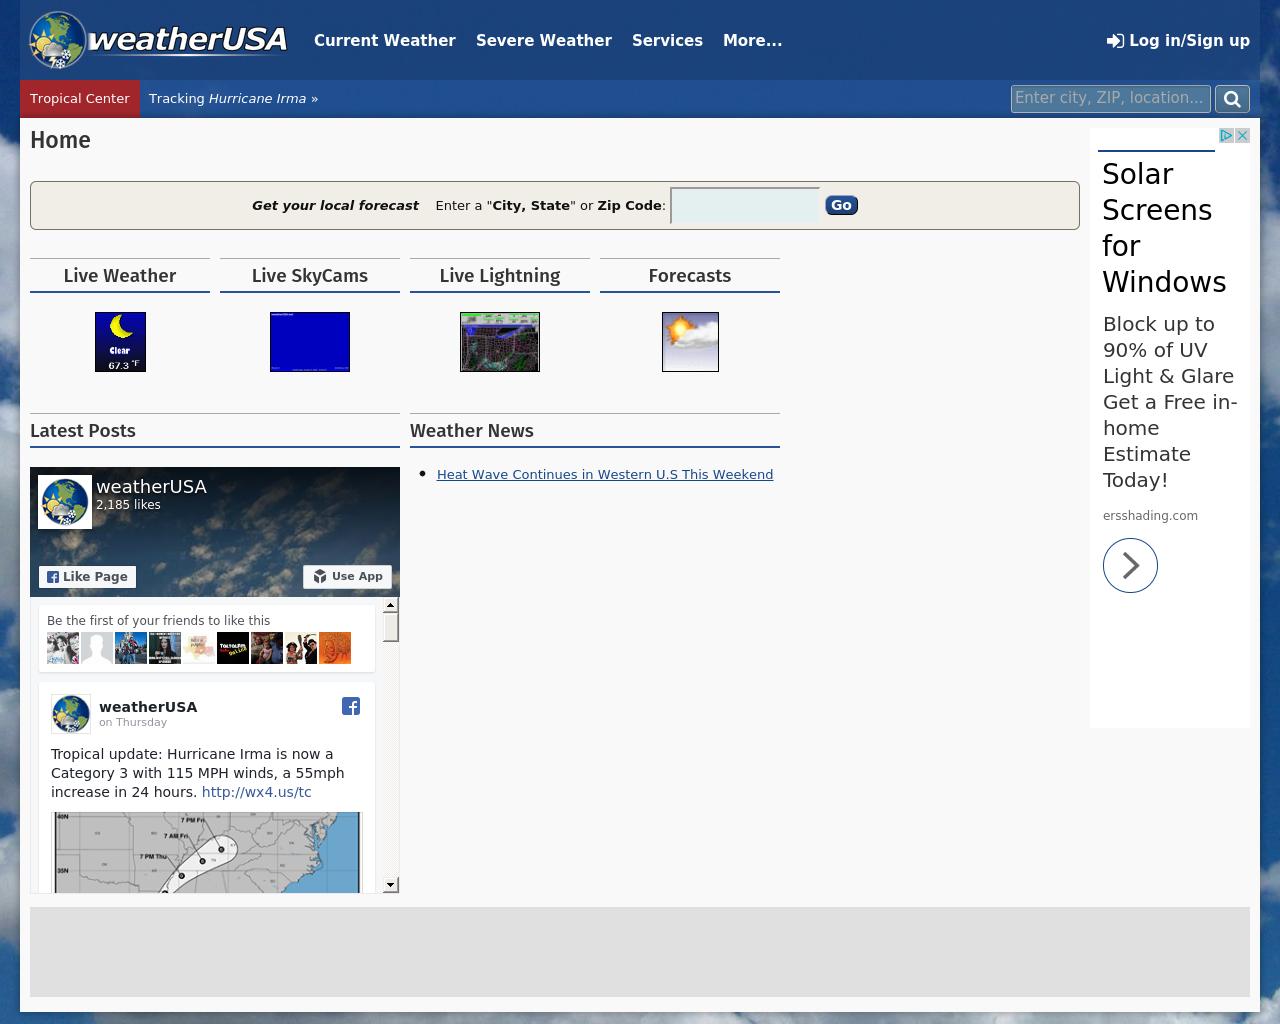 weatherUSA-Advertising-Reviews-Pricing